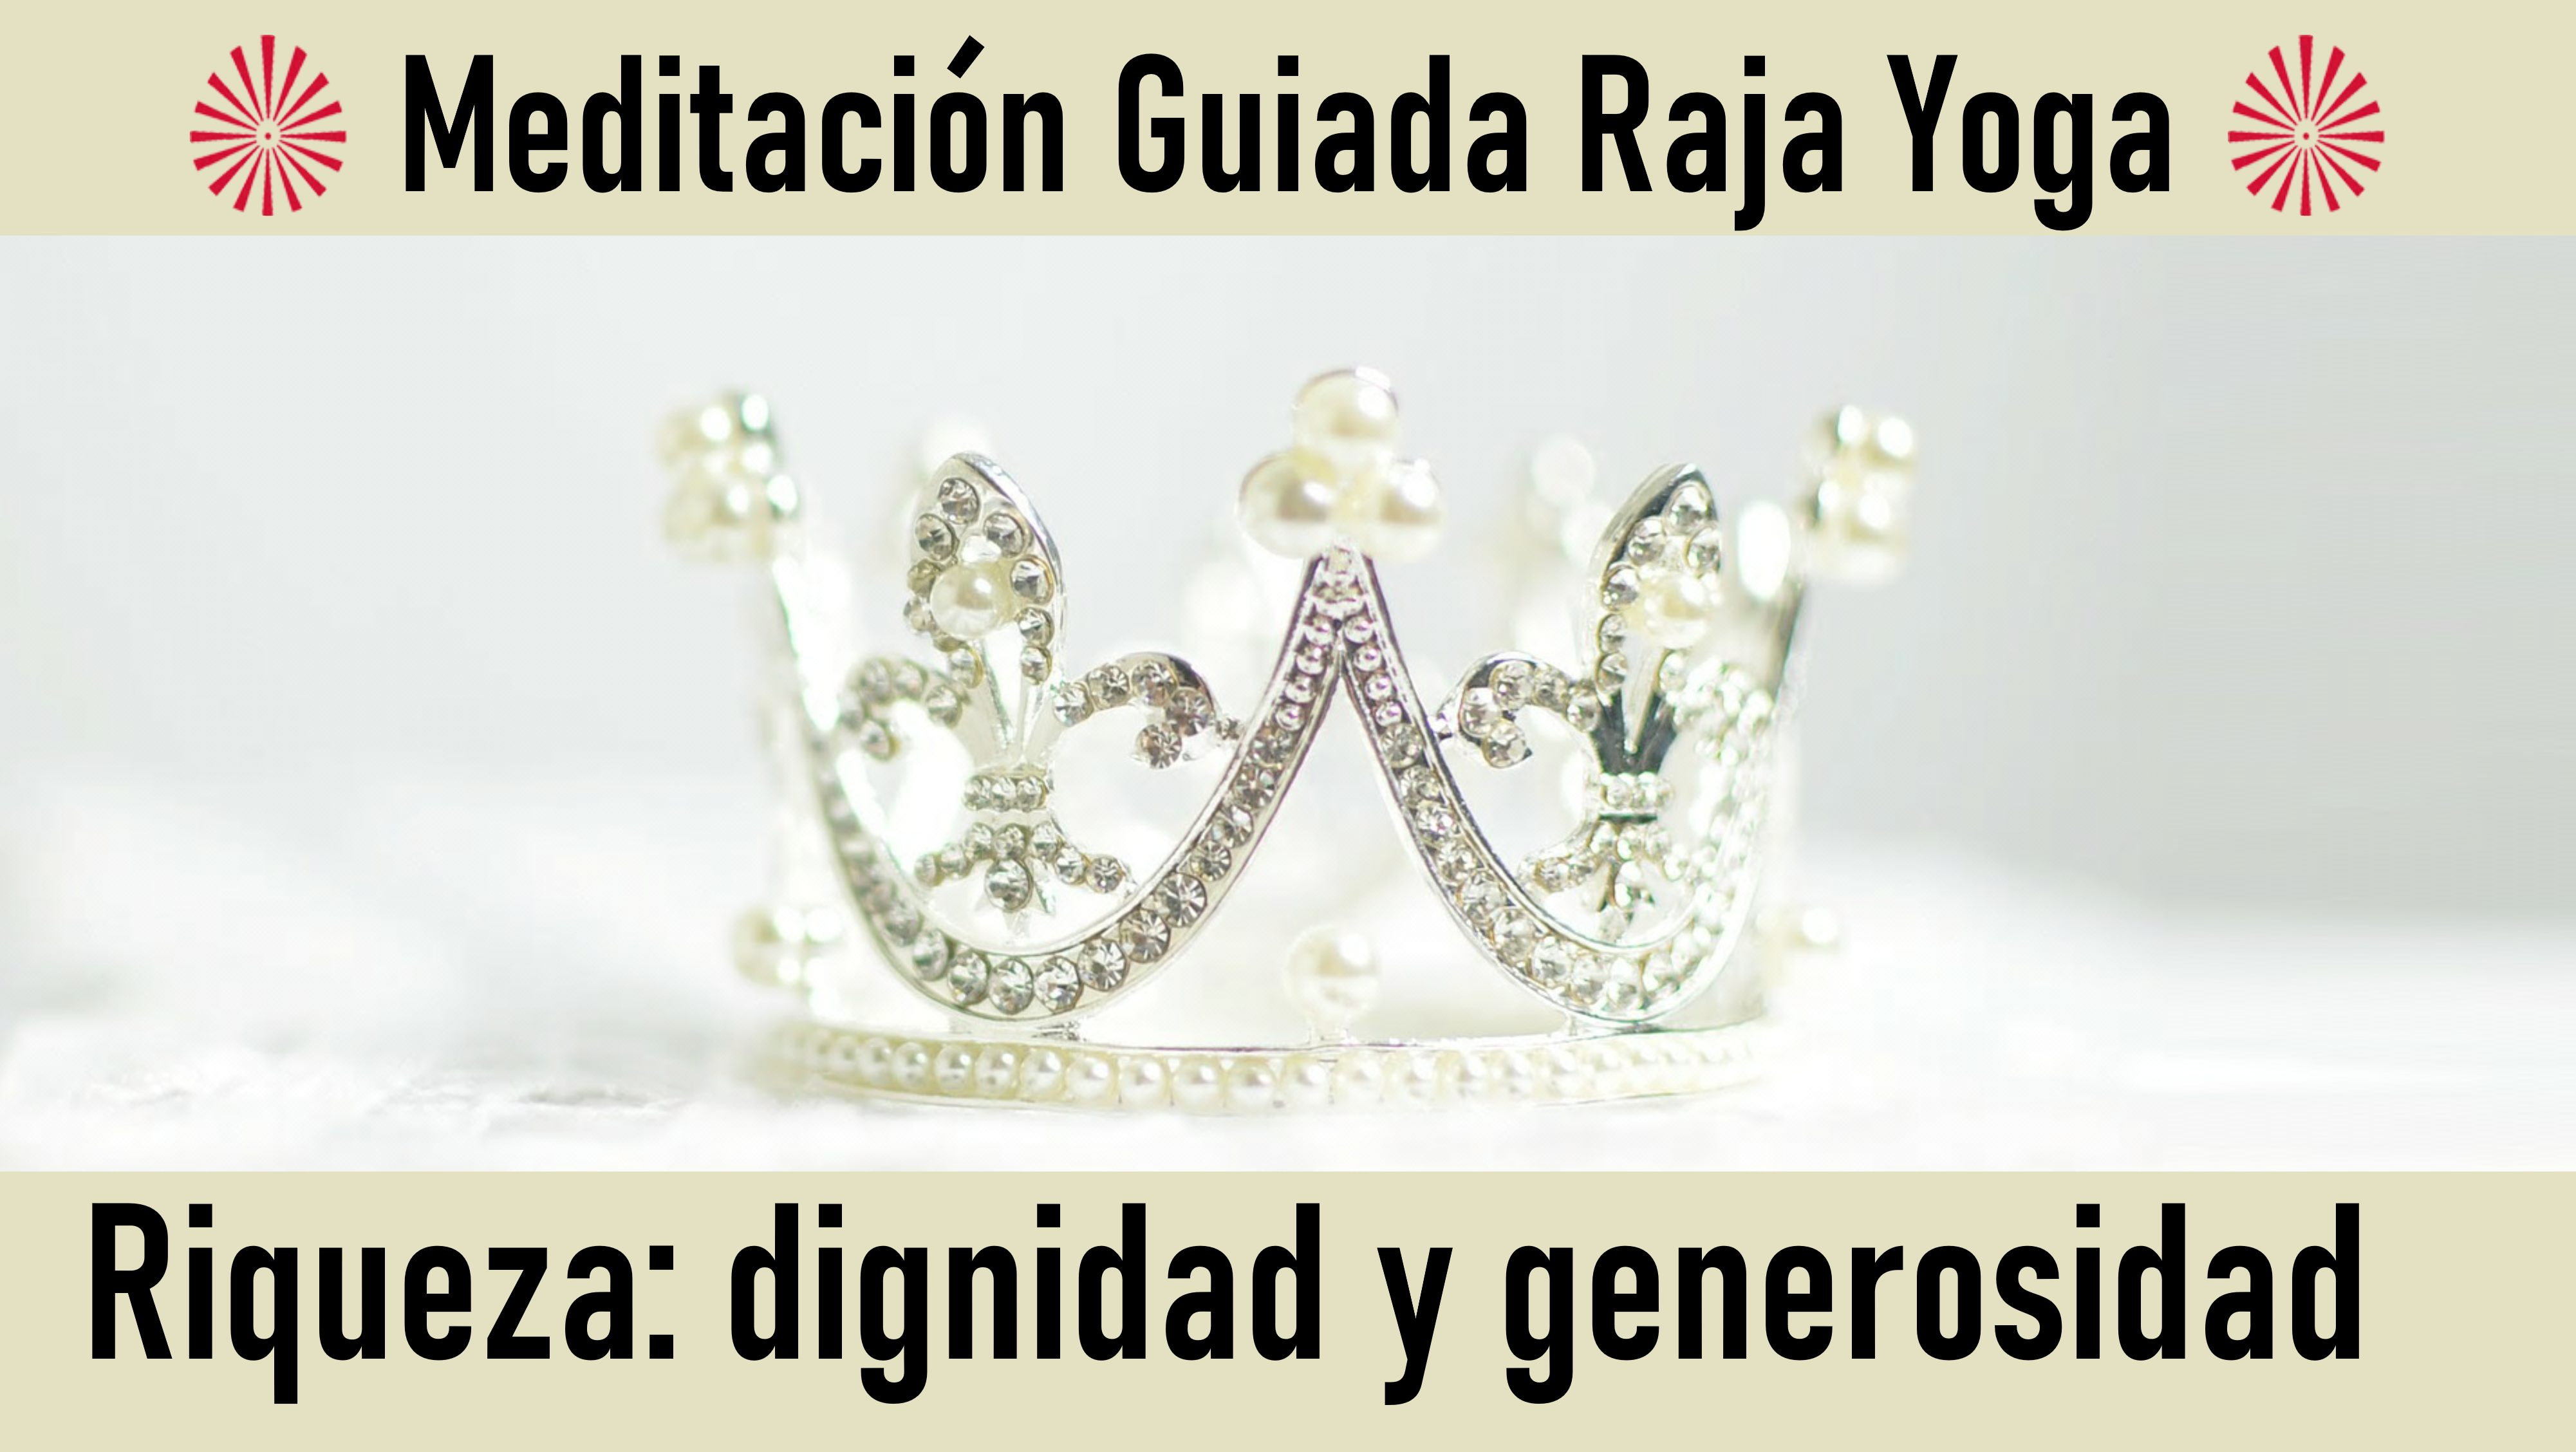 Meditación Raja Yoga: Riqueza  dignidad y generosidad (19 Junio 2020) On-line desde Barcelona